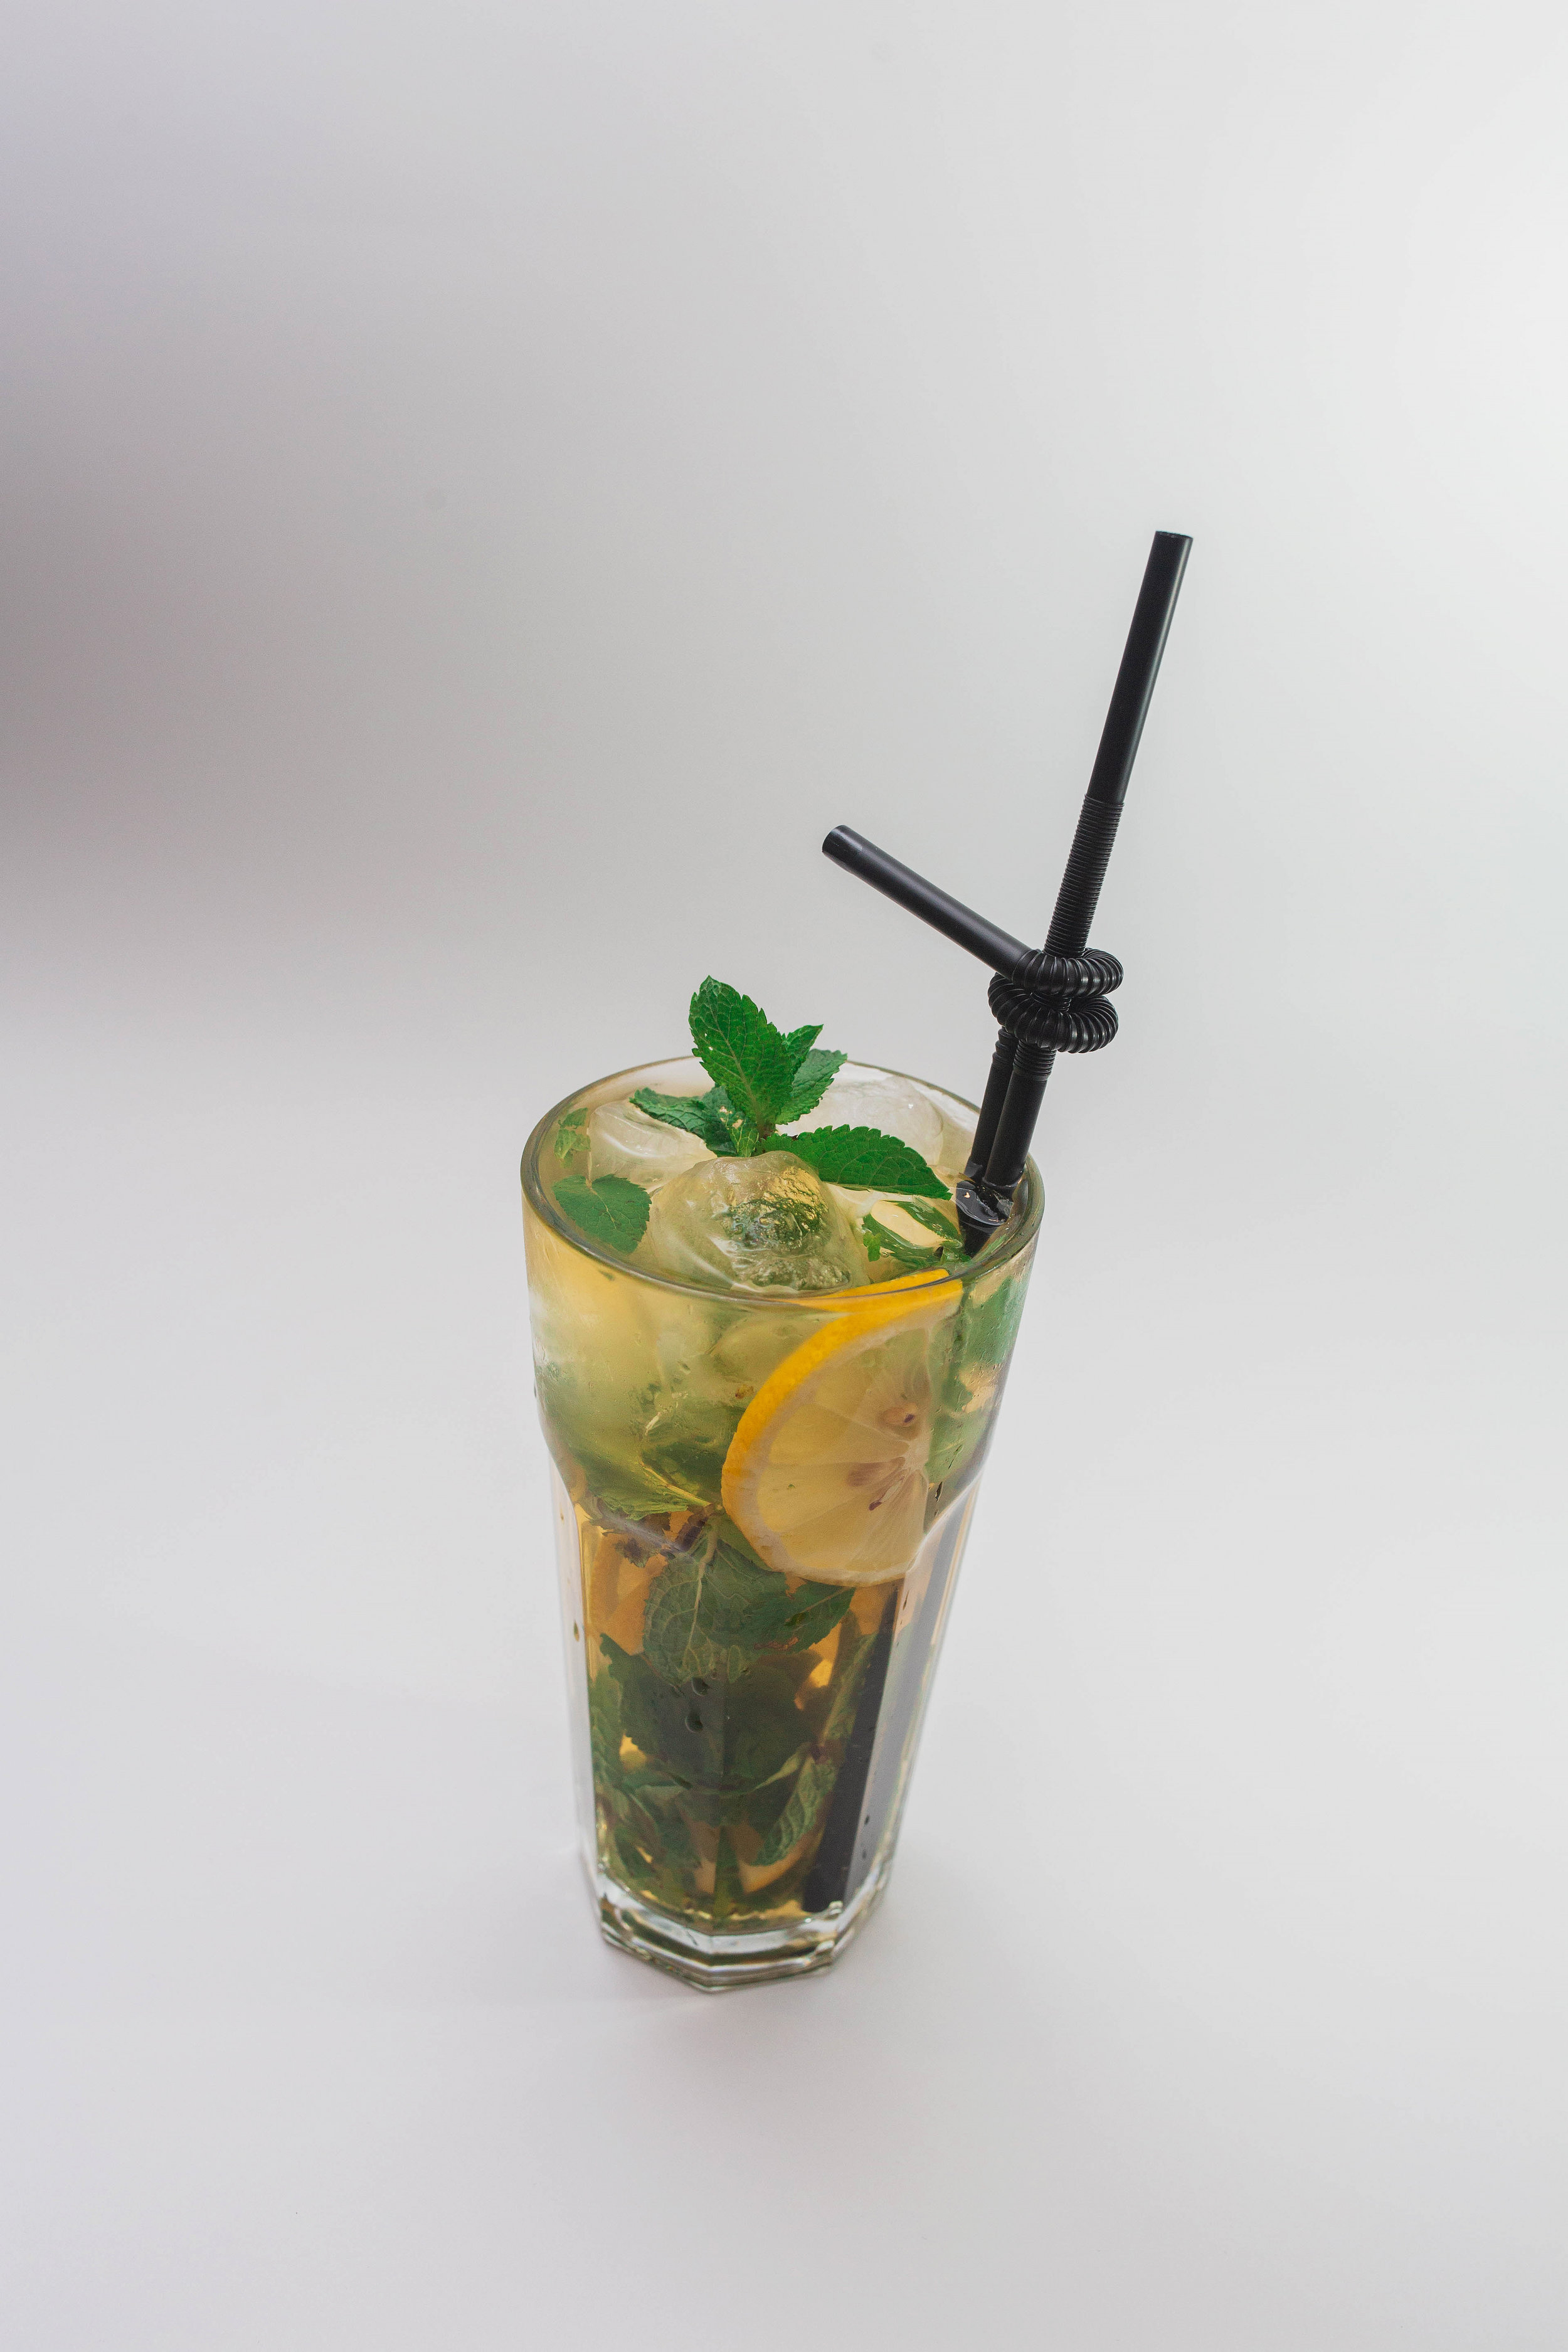 Холодный Чай - Черный / Зеленый /Ягодный0.3 / 1.0160 сом / 330 сом